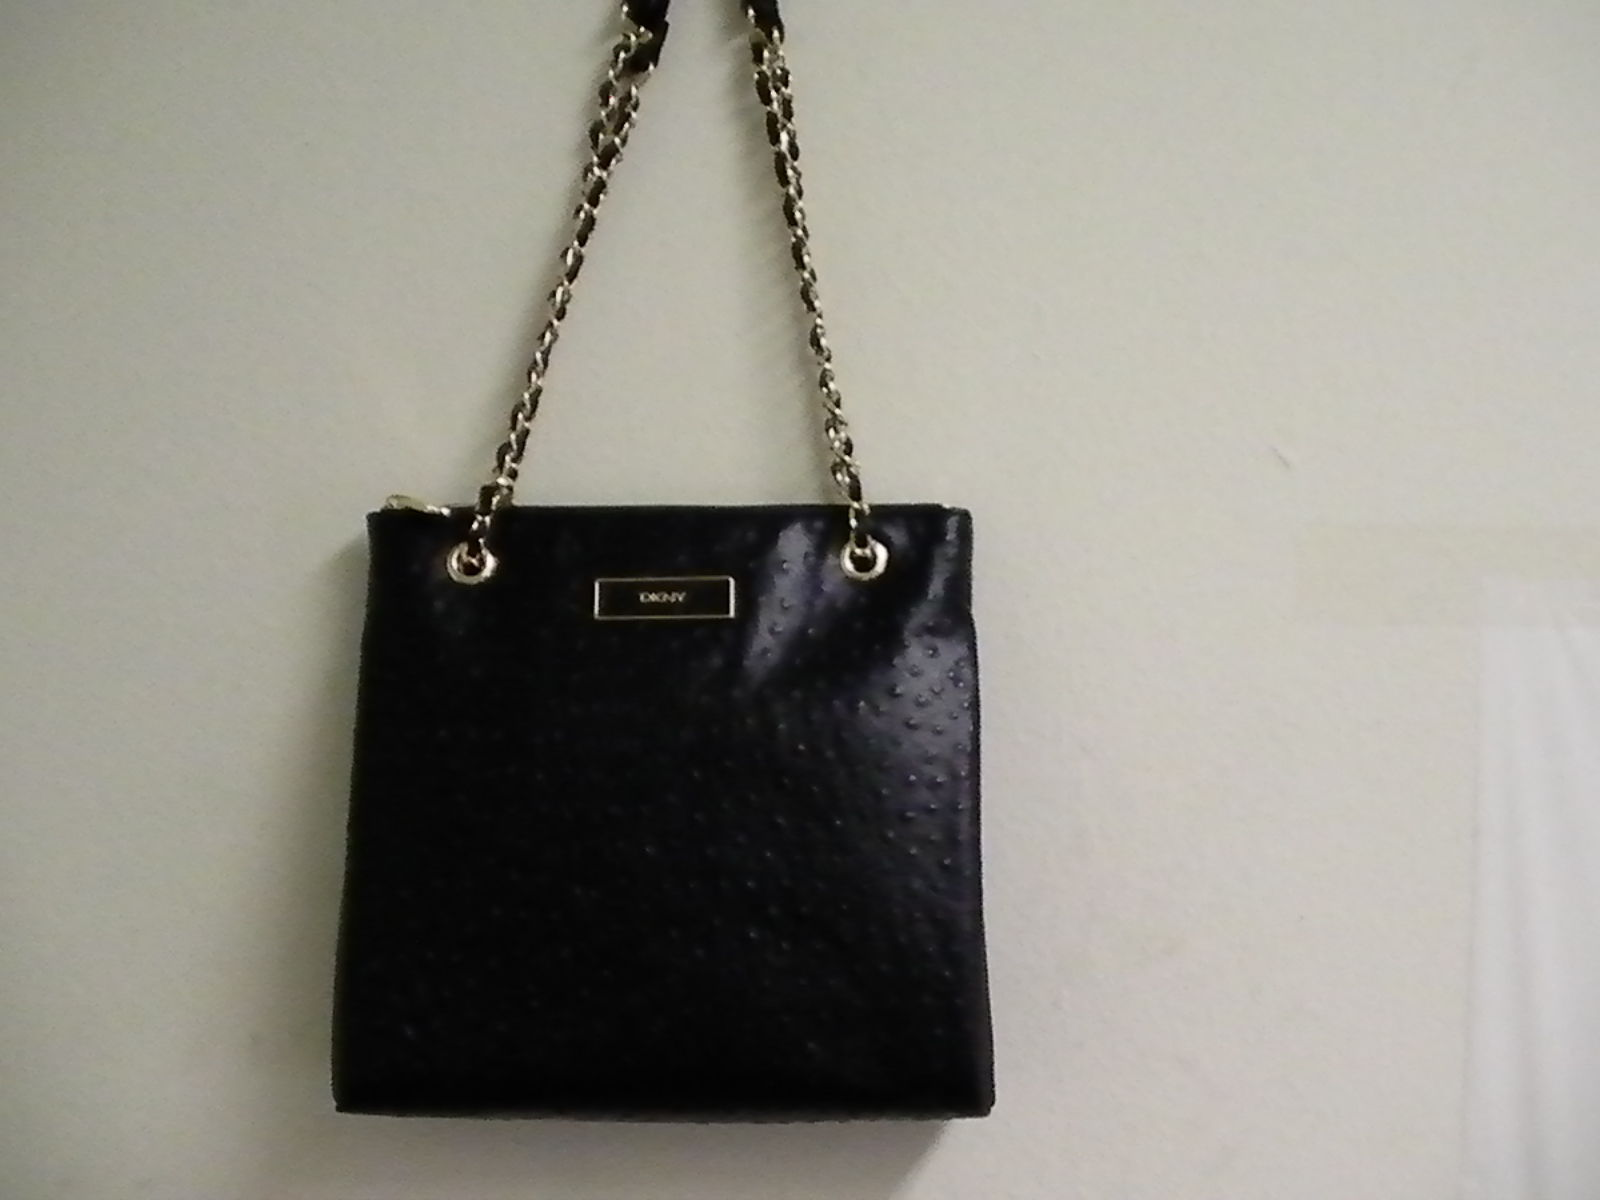 DKNY donna karan shoulder handbag ostrich leather black purse